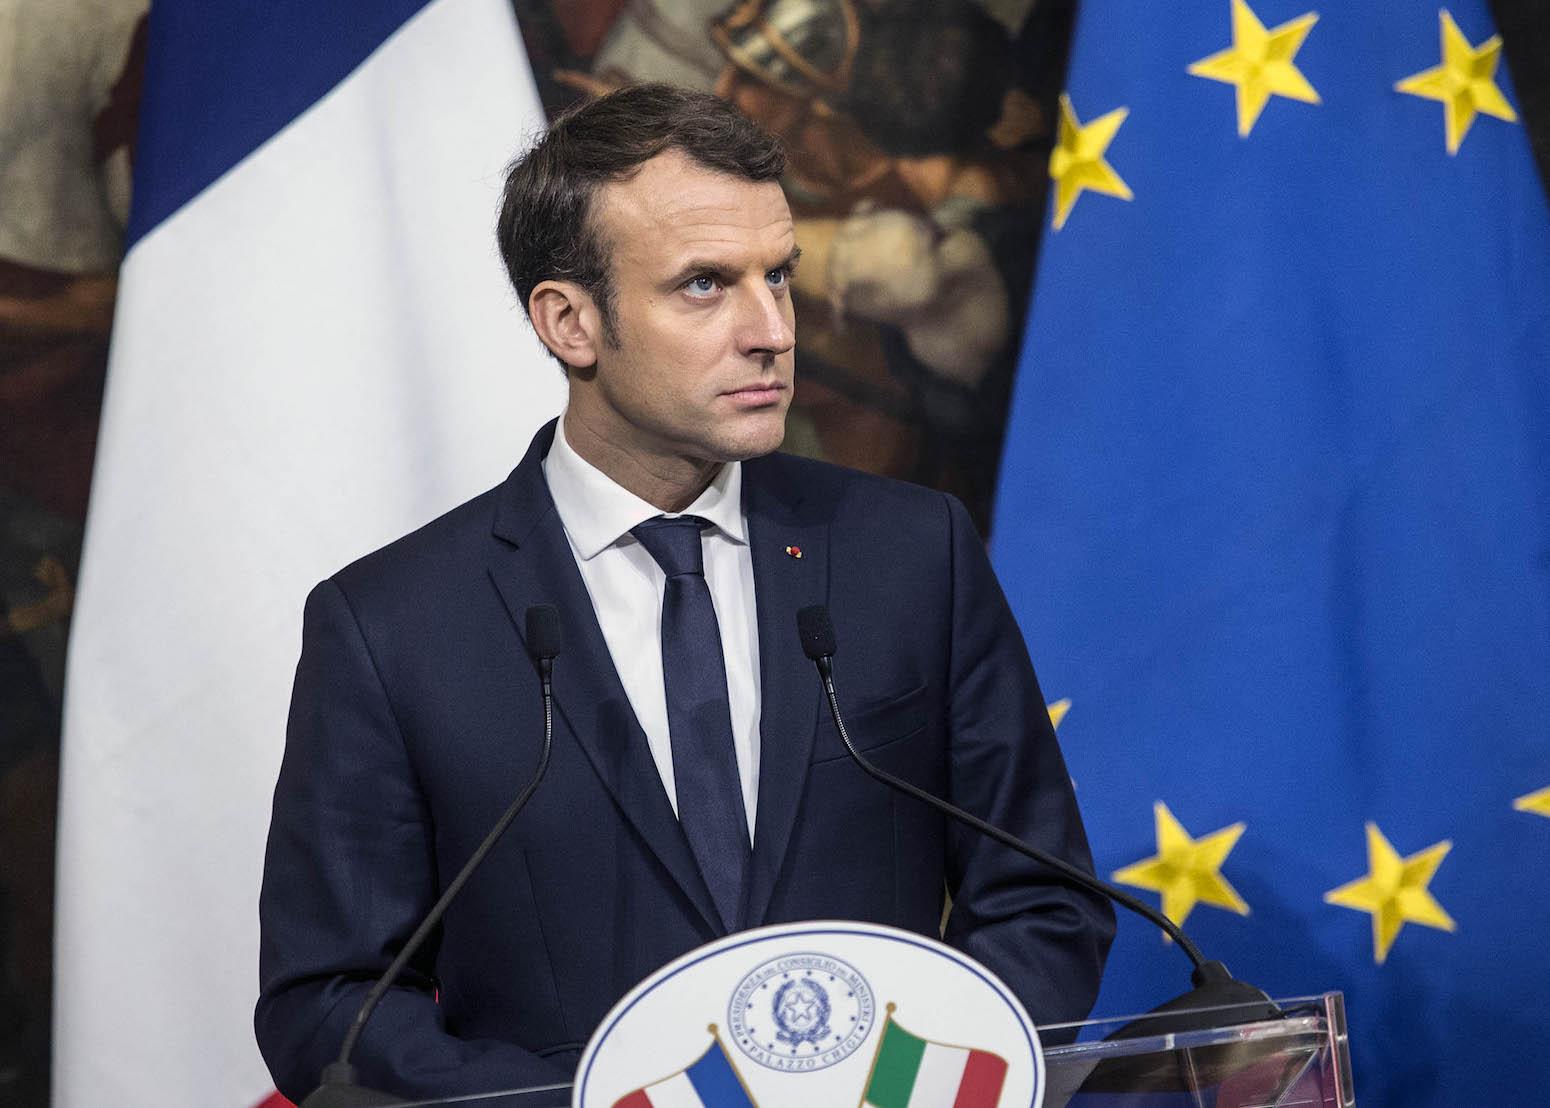 La strategia di Emmanuel Macron per conquistare l'Europa